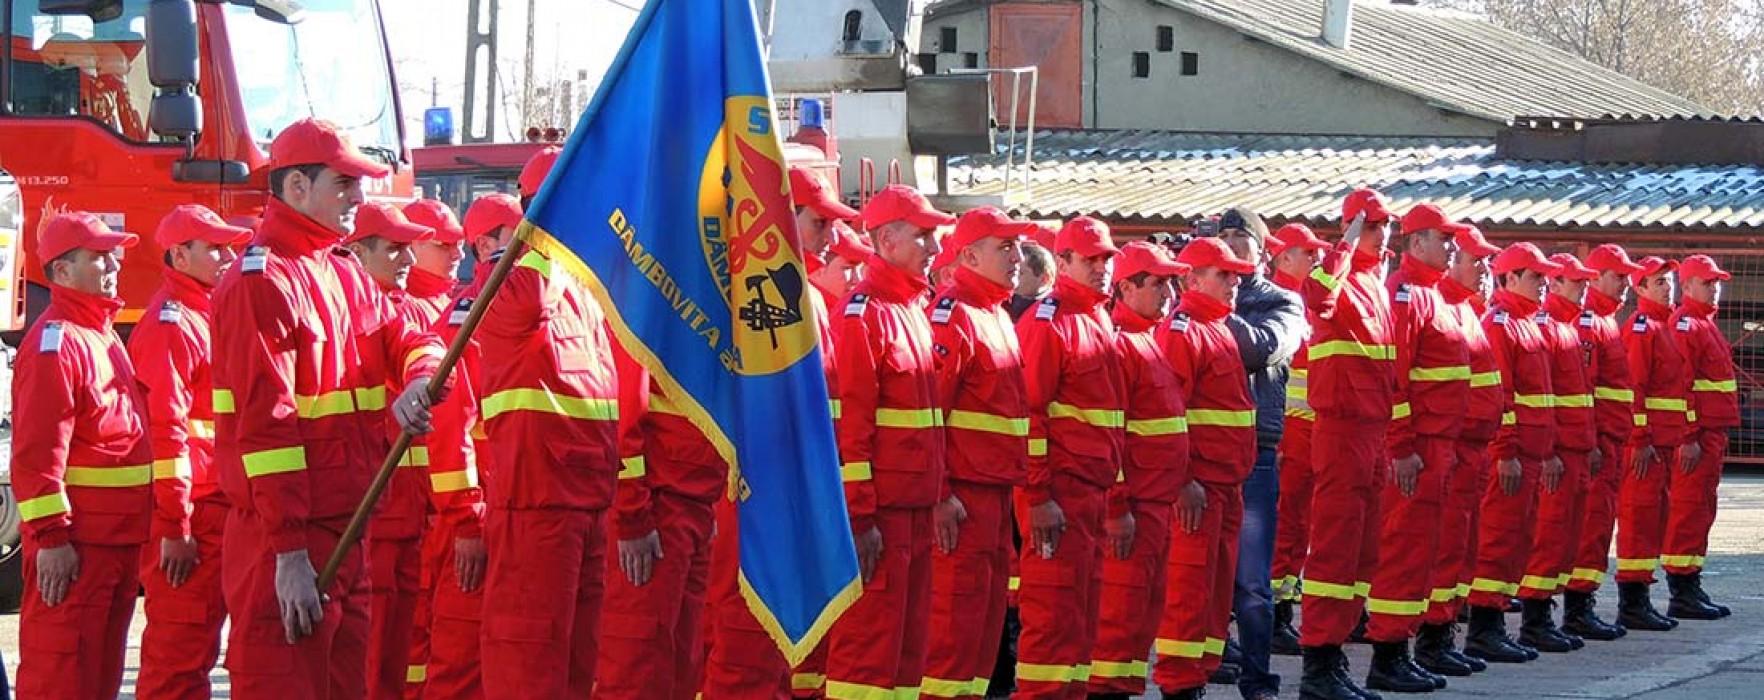 Şase ani de SMURD în Dâmboviţa